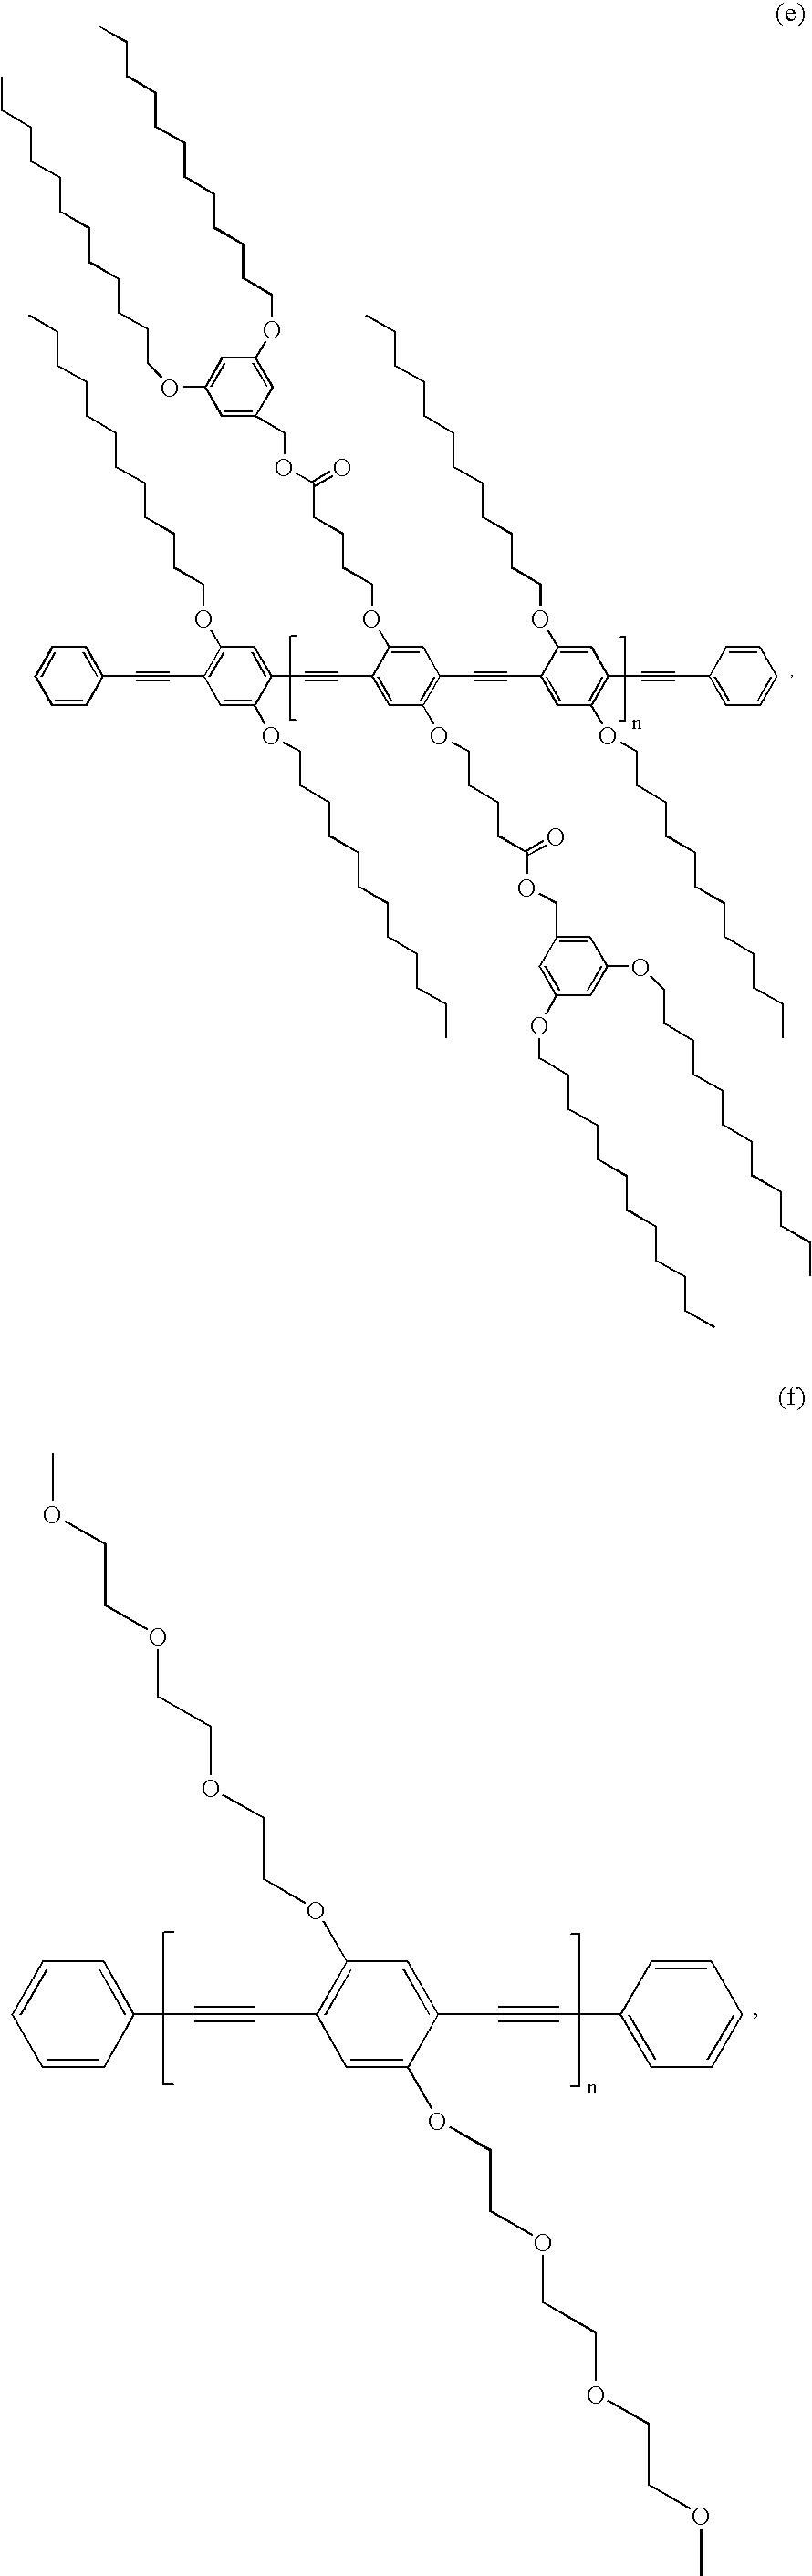 Figure US07479516-20090120-C00077